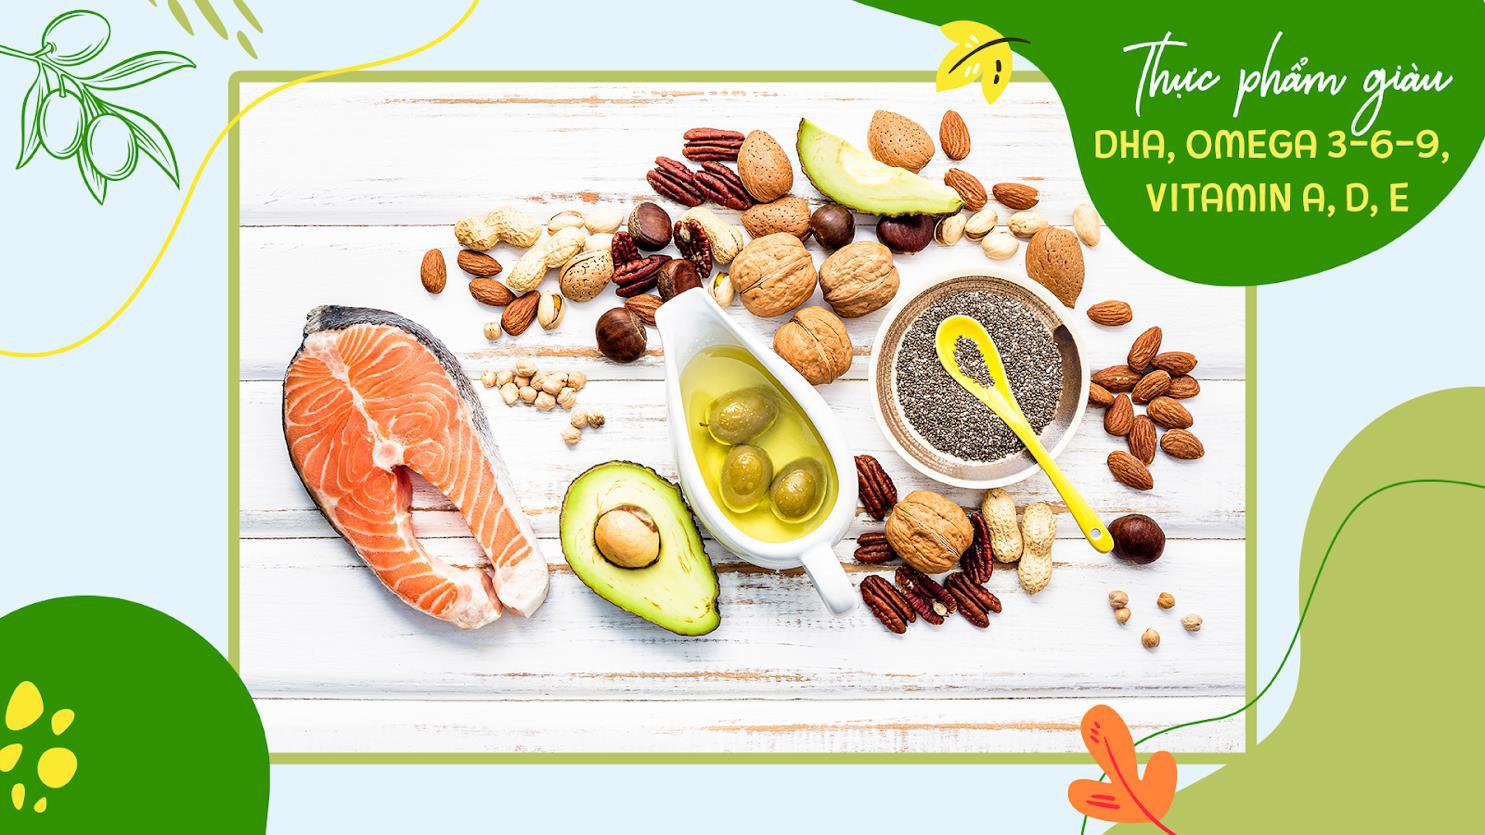 Chất béo - Nhóm dinh dưỡng không thể thiếu trong những bữa ăn đầu đời của trẻ - Ảnh 2.